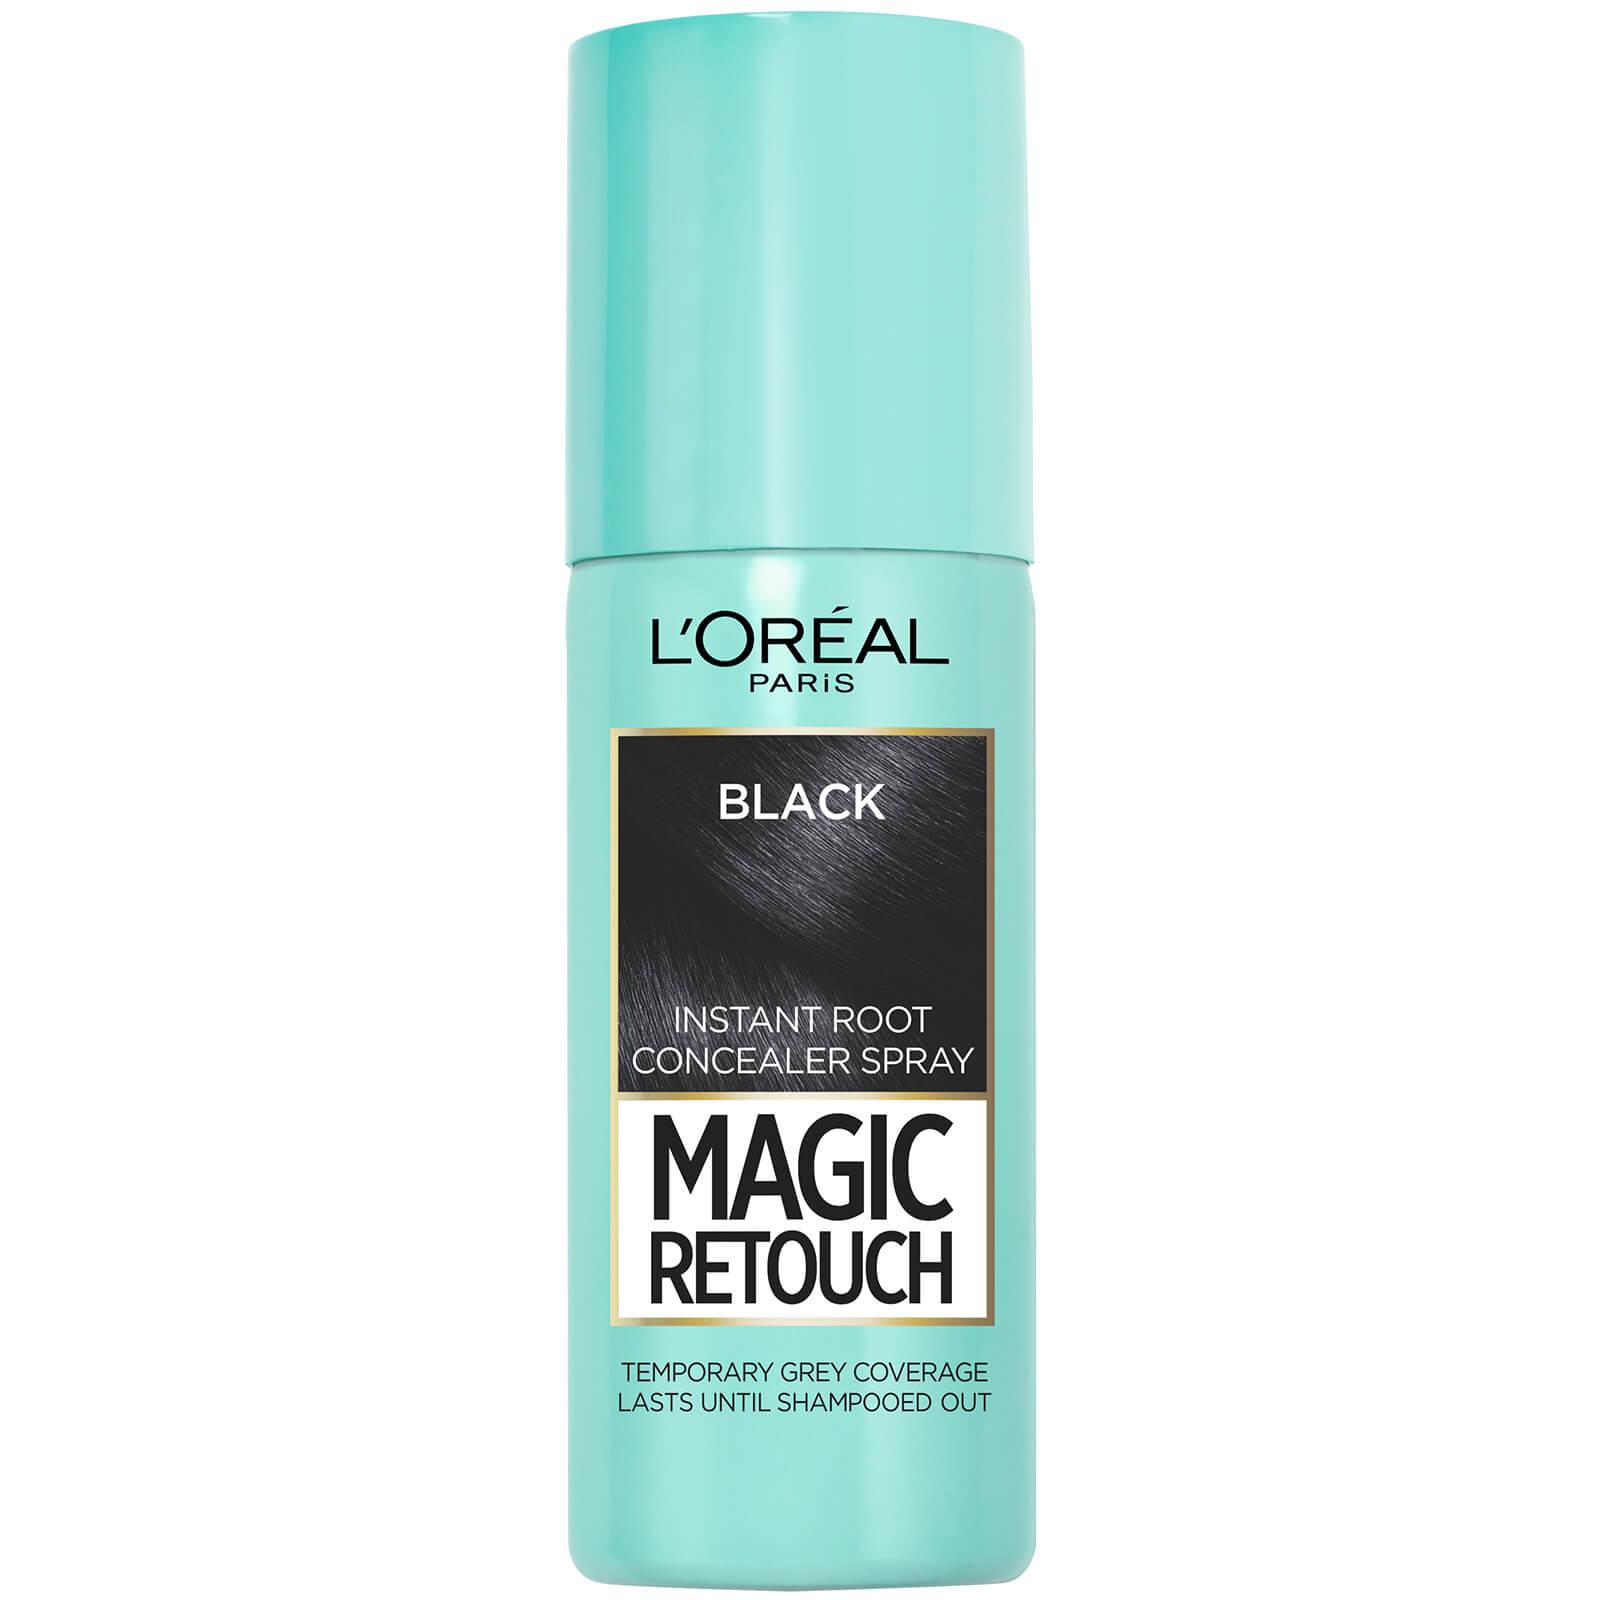 L'Oréal Paris Magic Retouch Root Touch Up - Black 75ml